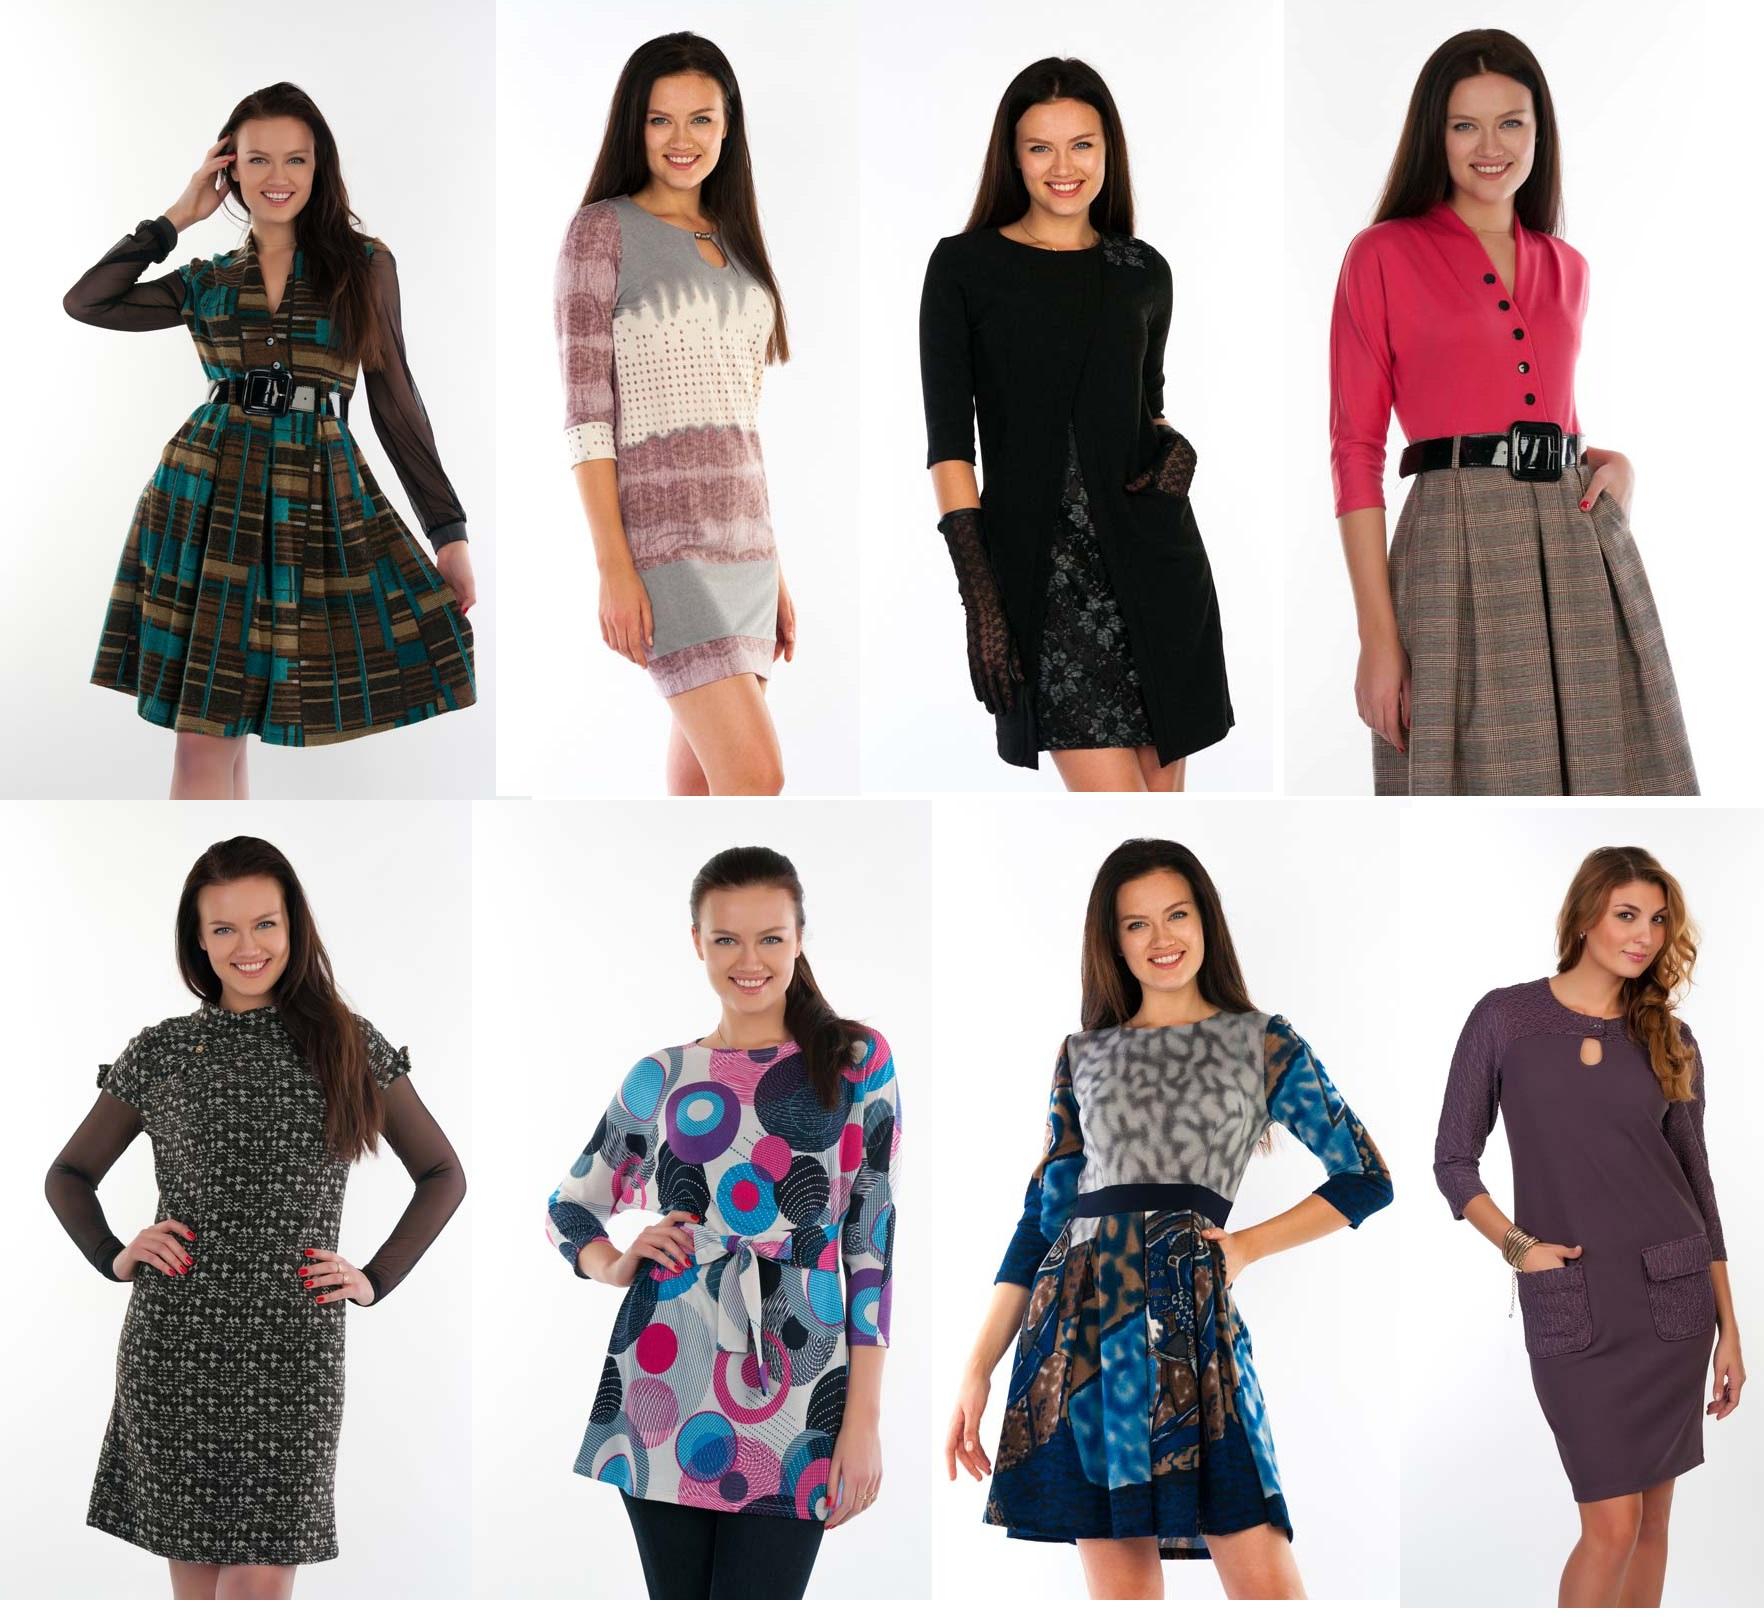 Деловое, праздничное, повседневное - платье на любой вкус! Распродажа летней коллекции! До 58 размера. Без рядов!